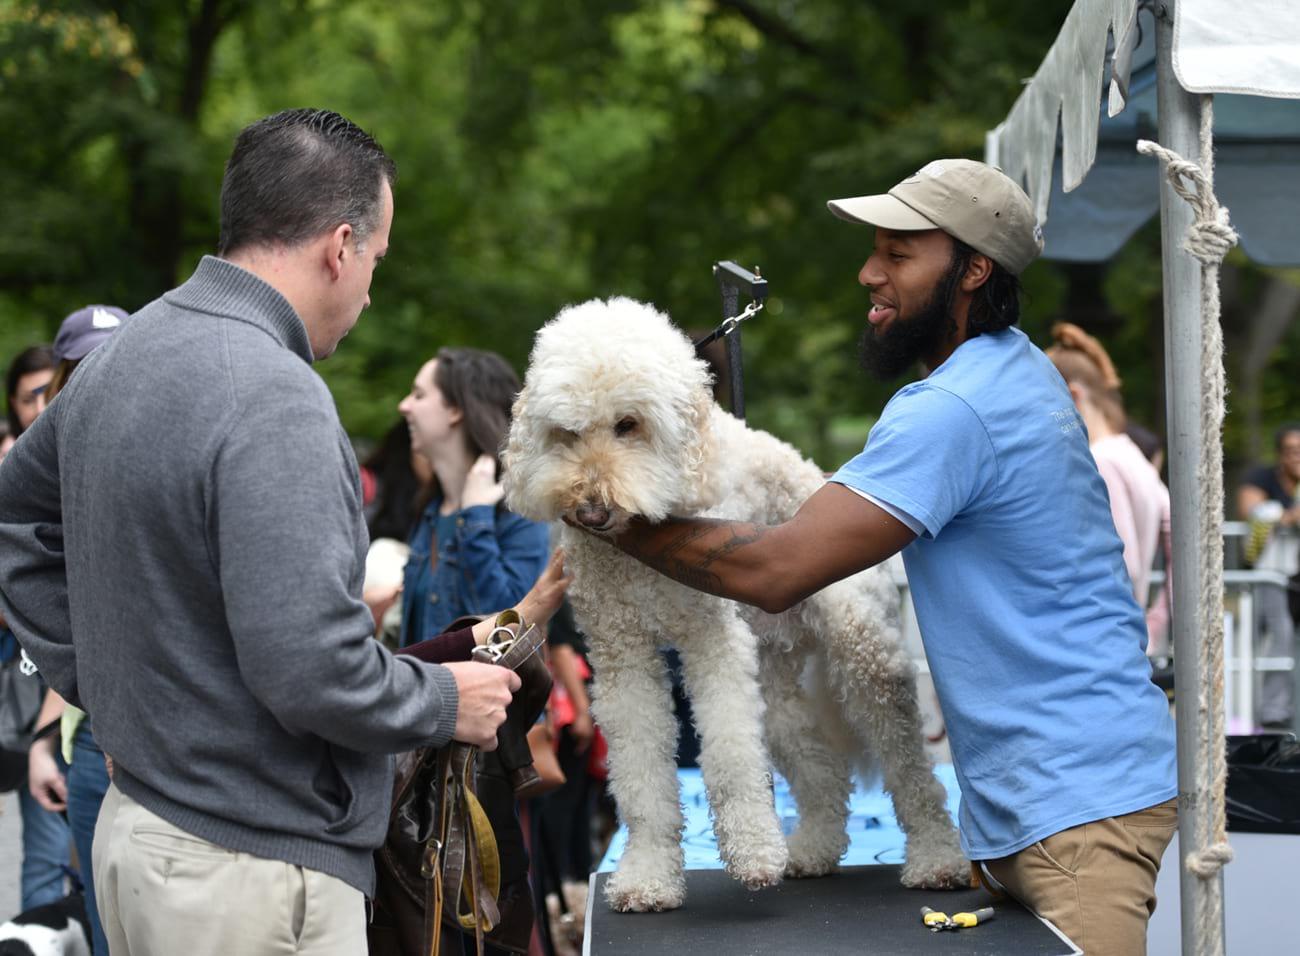 My dog loves Central Park Fair